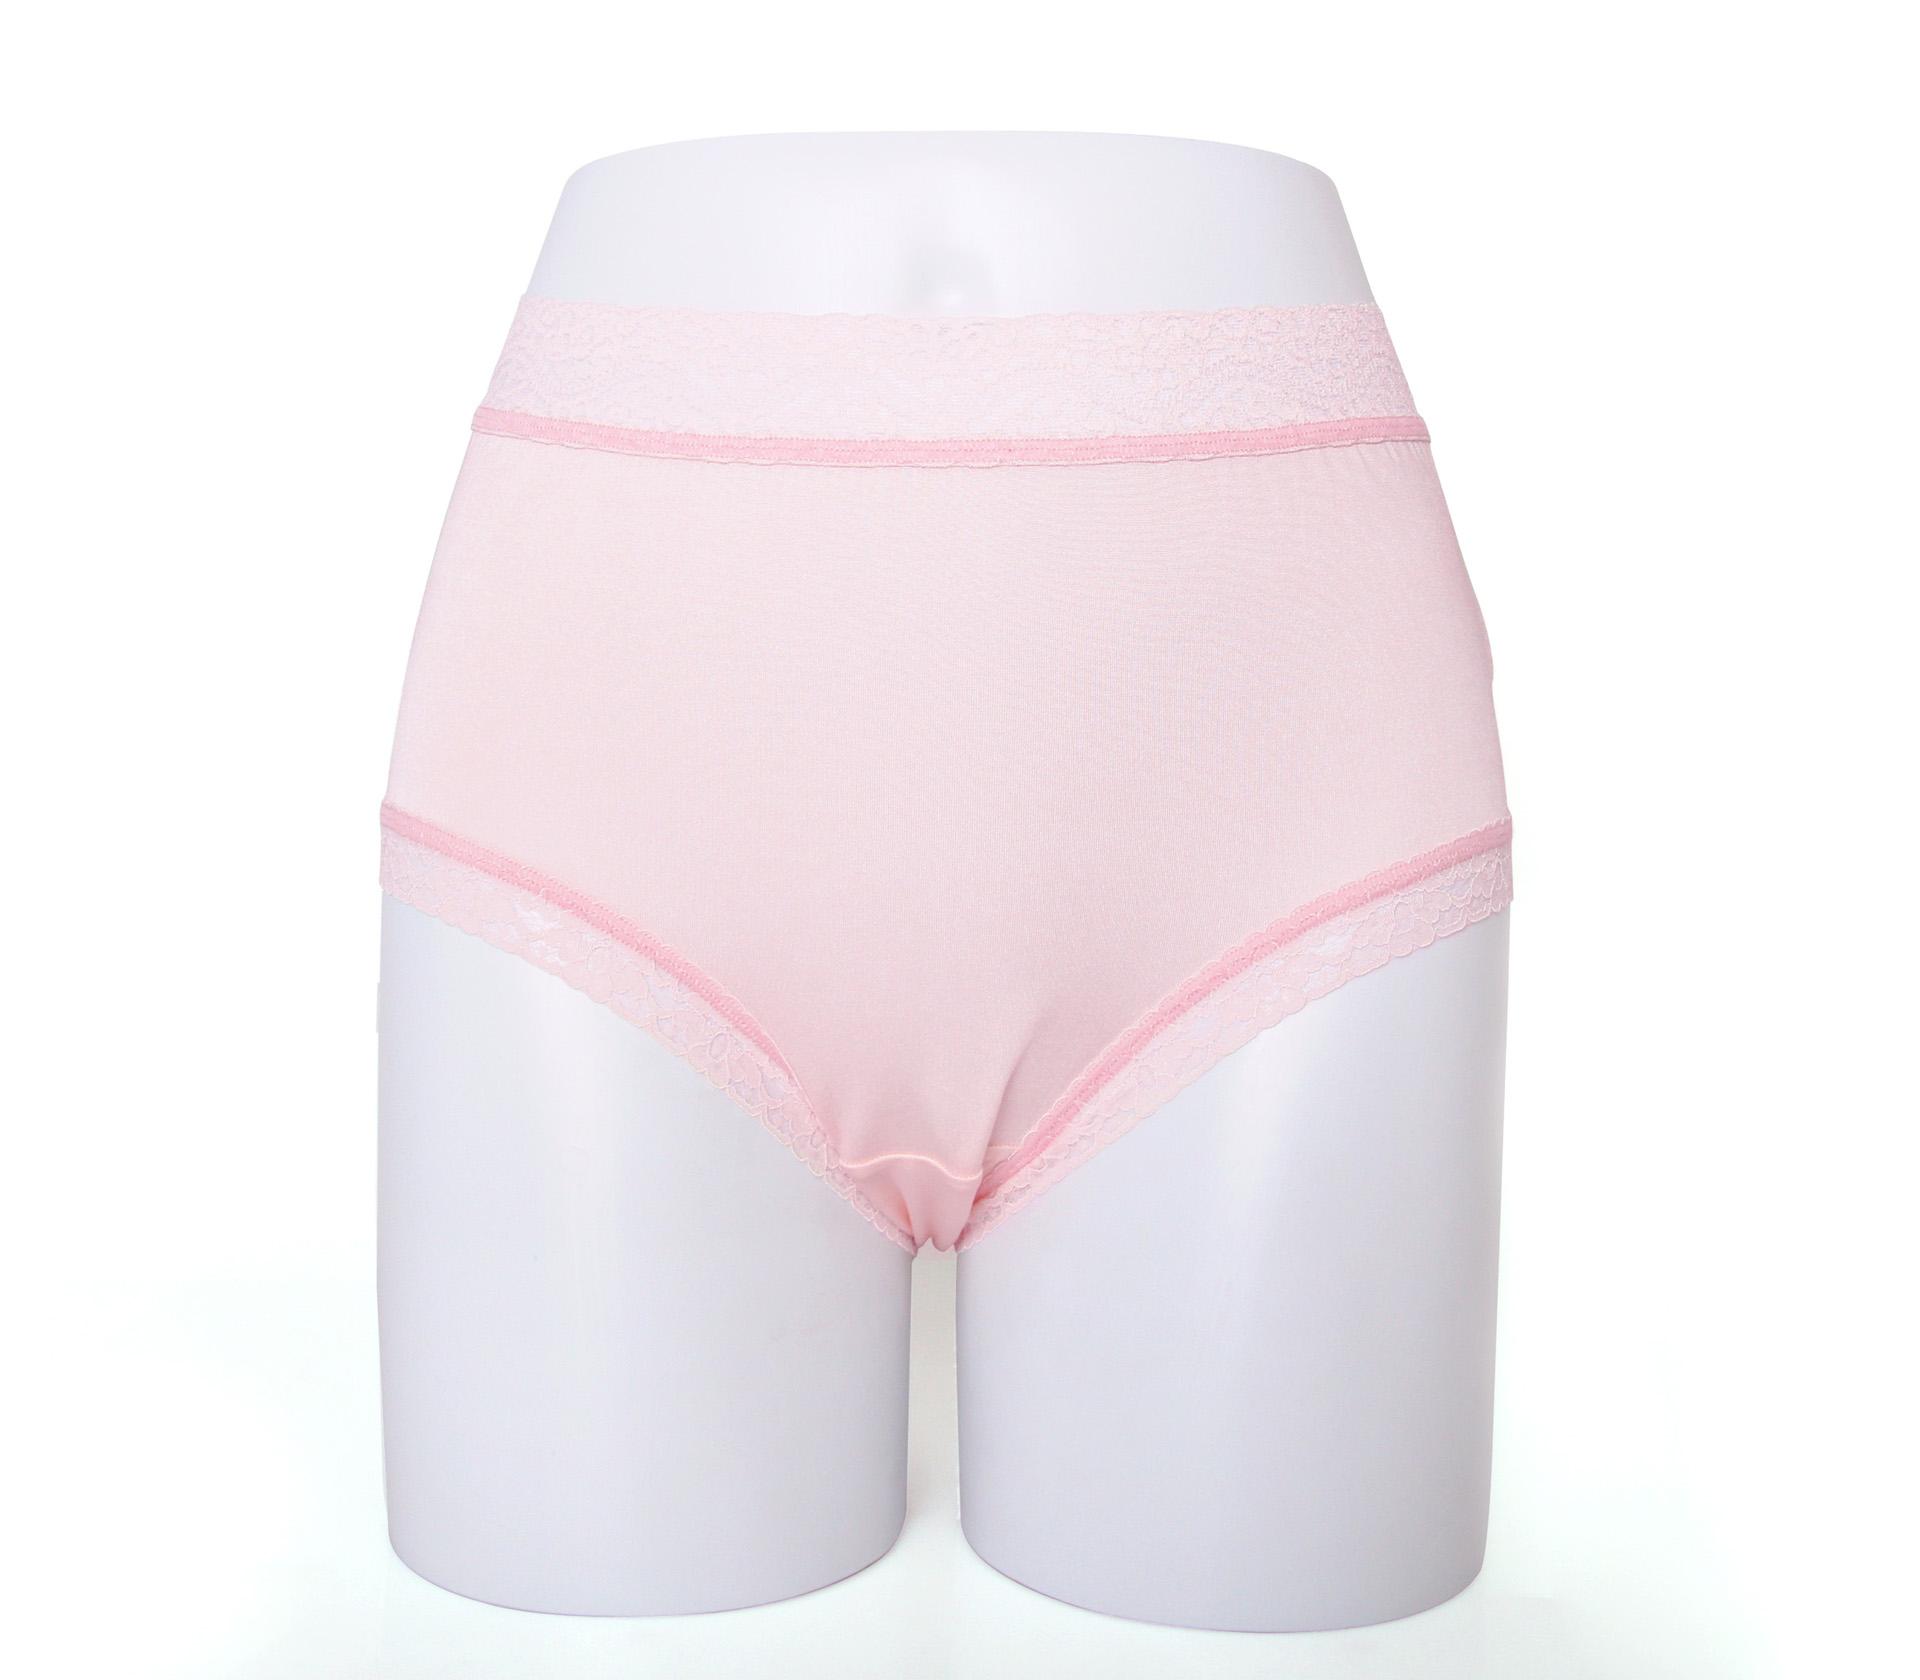 闕蘭絹32針超涼春蠶100%蠶絲內褲-88112(粉白)